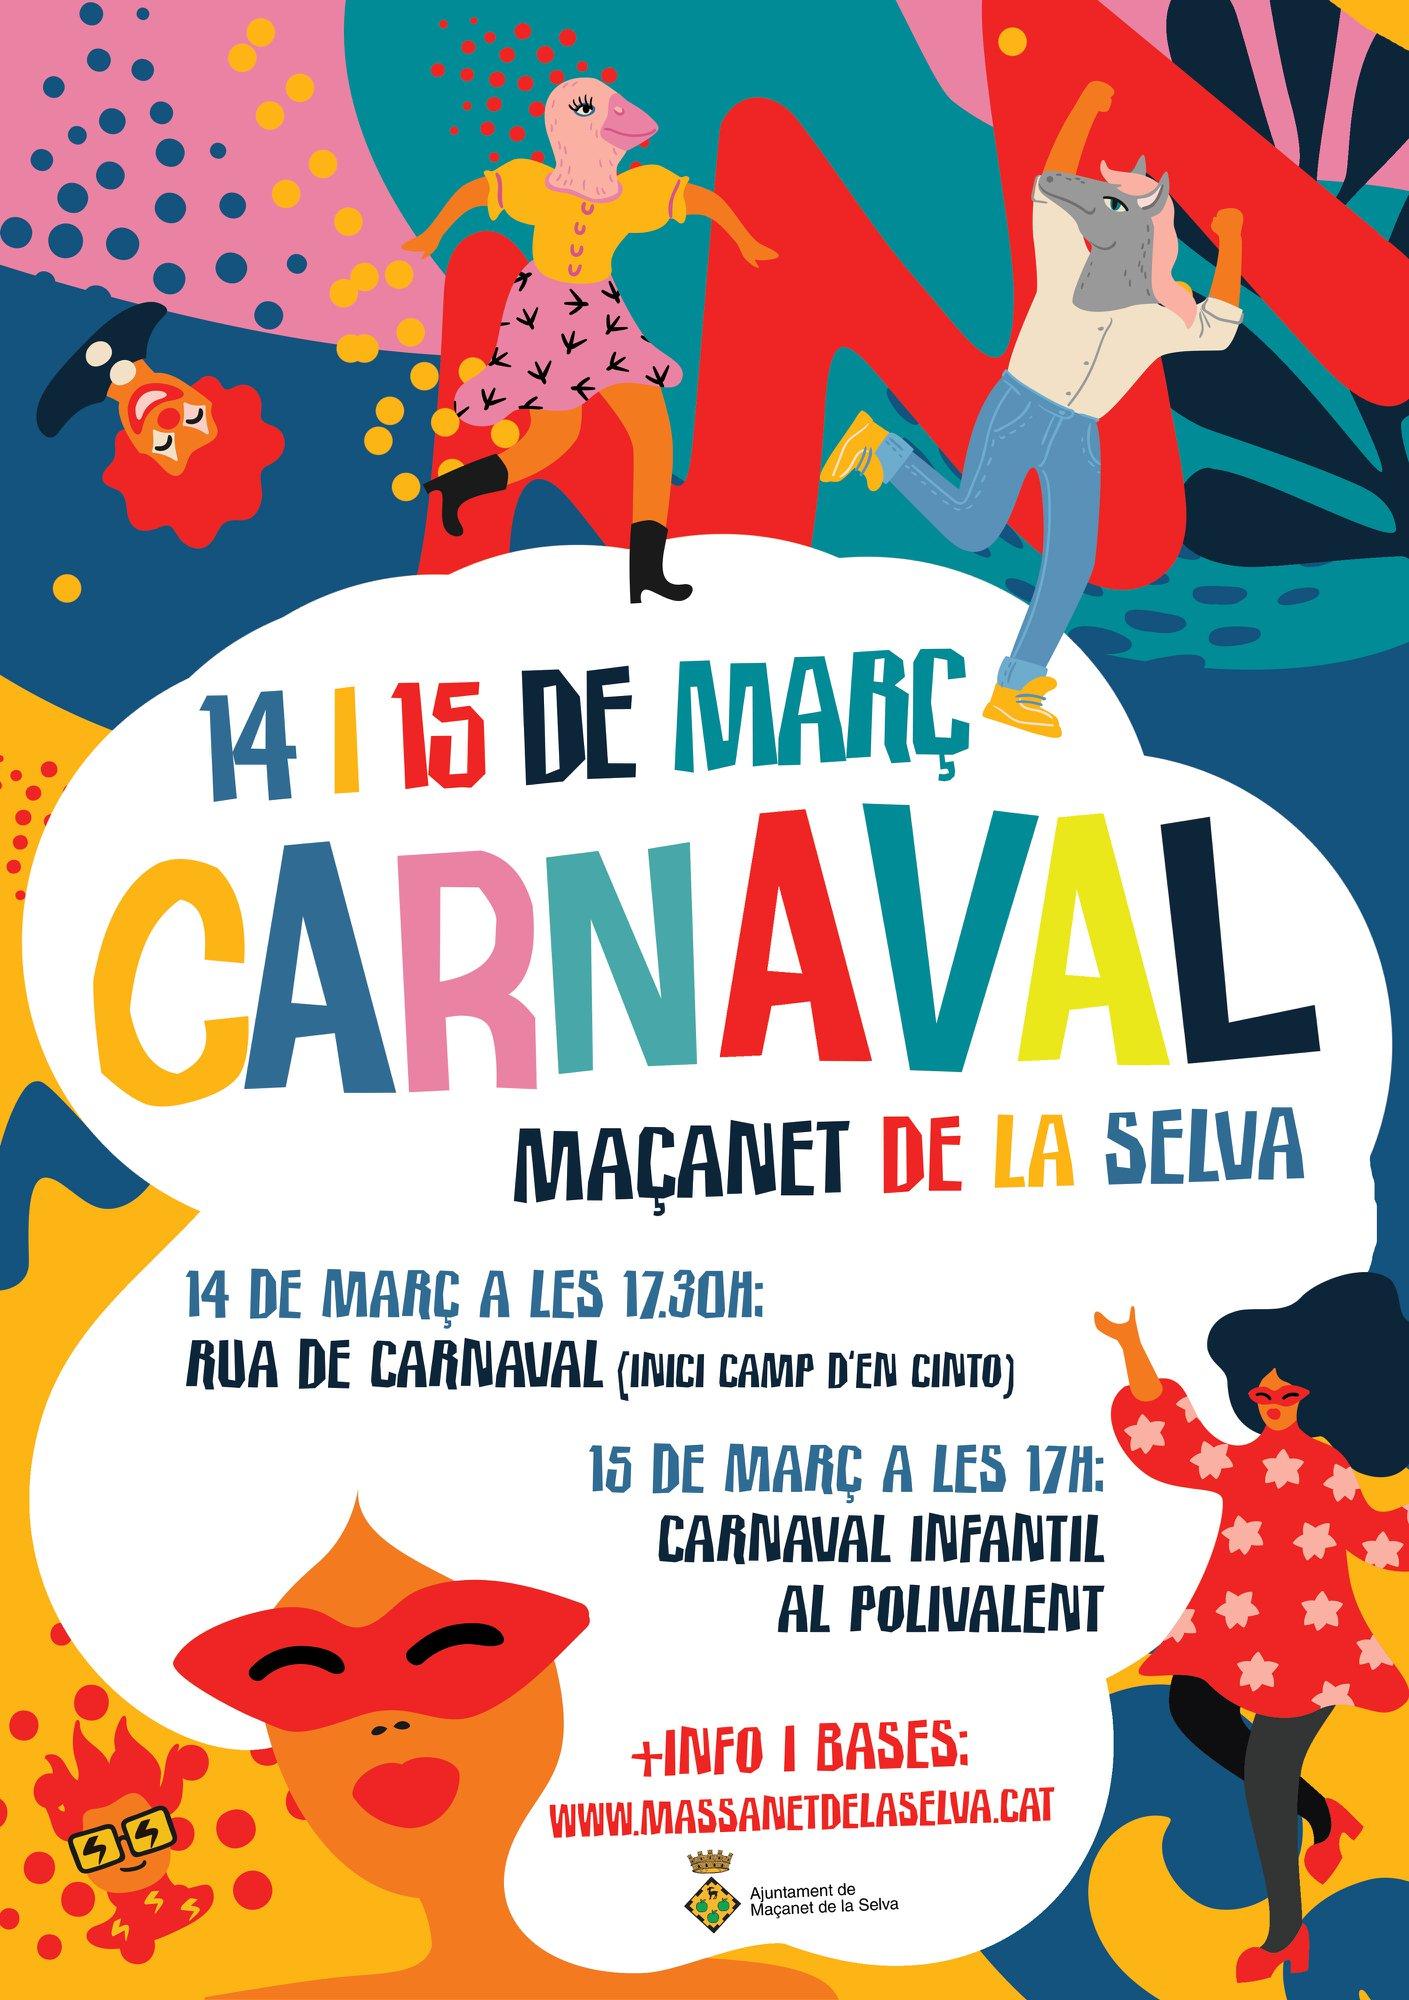 Fires i festes - Carnaval de Maçanet de la Selva 2020